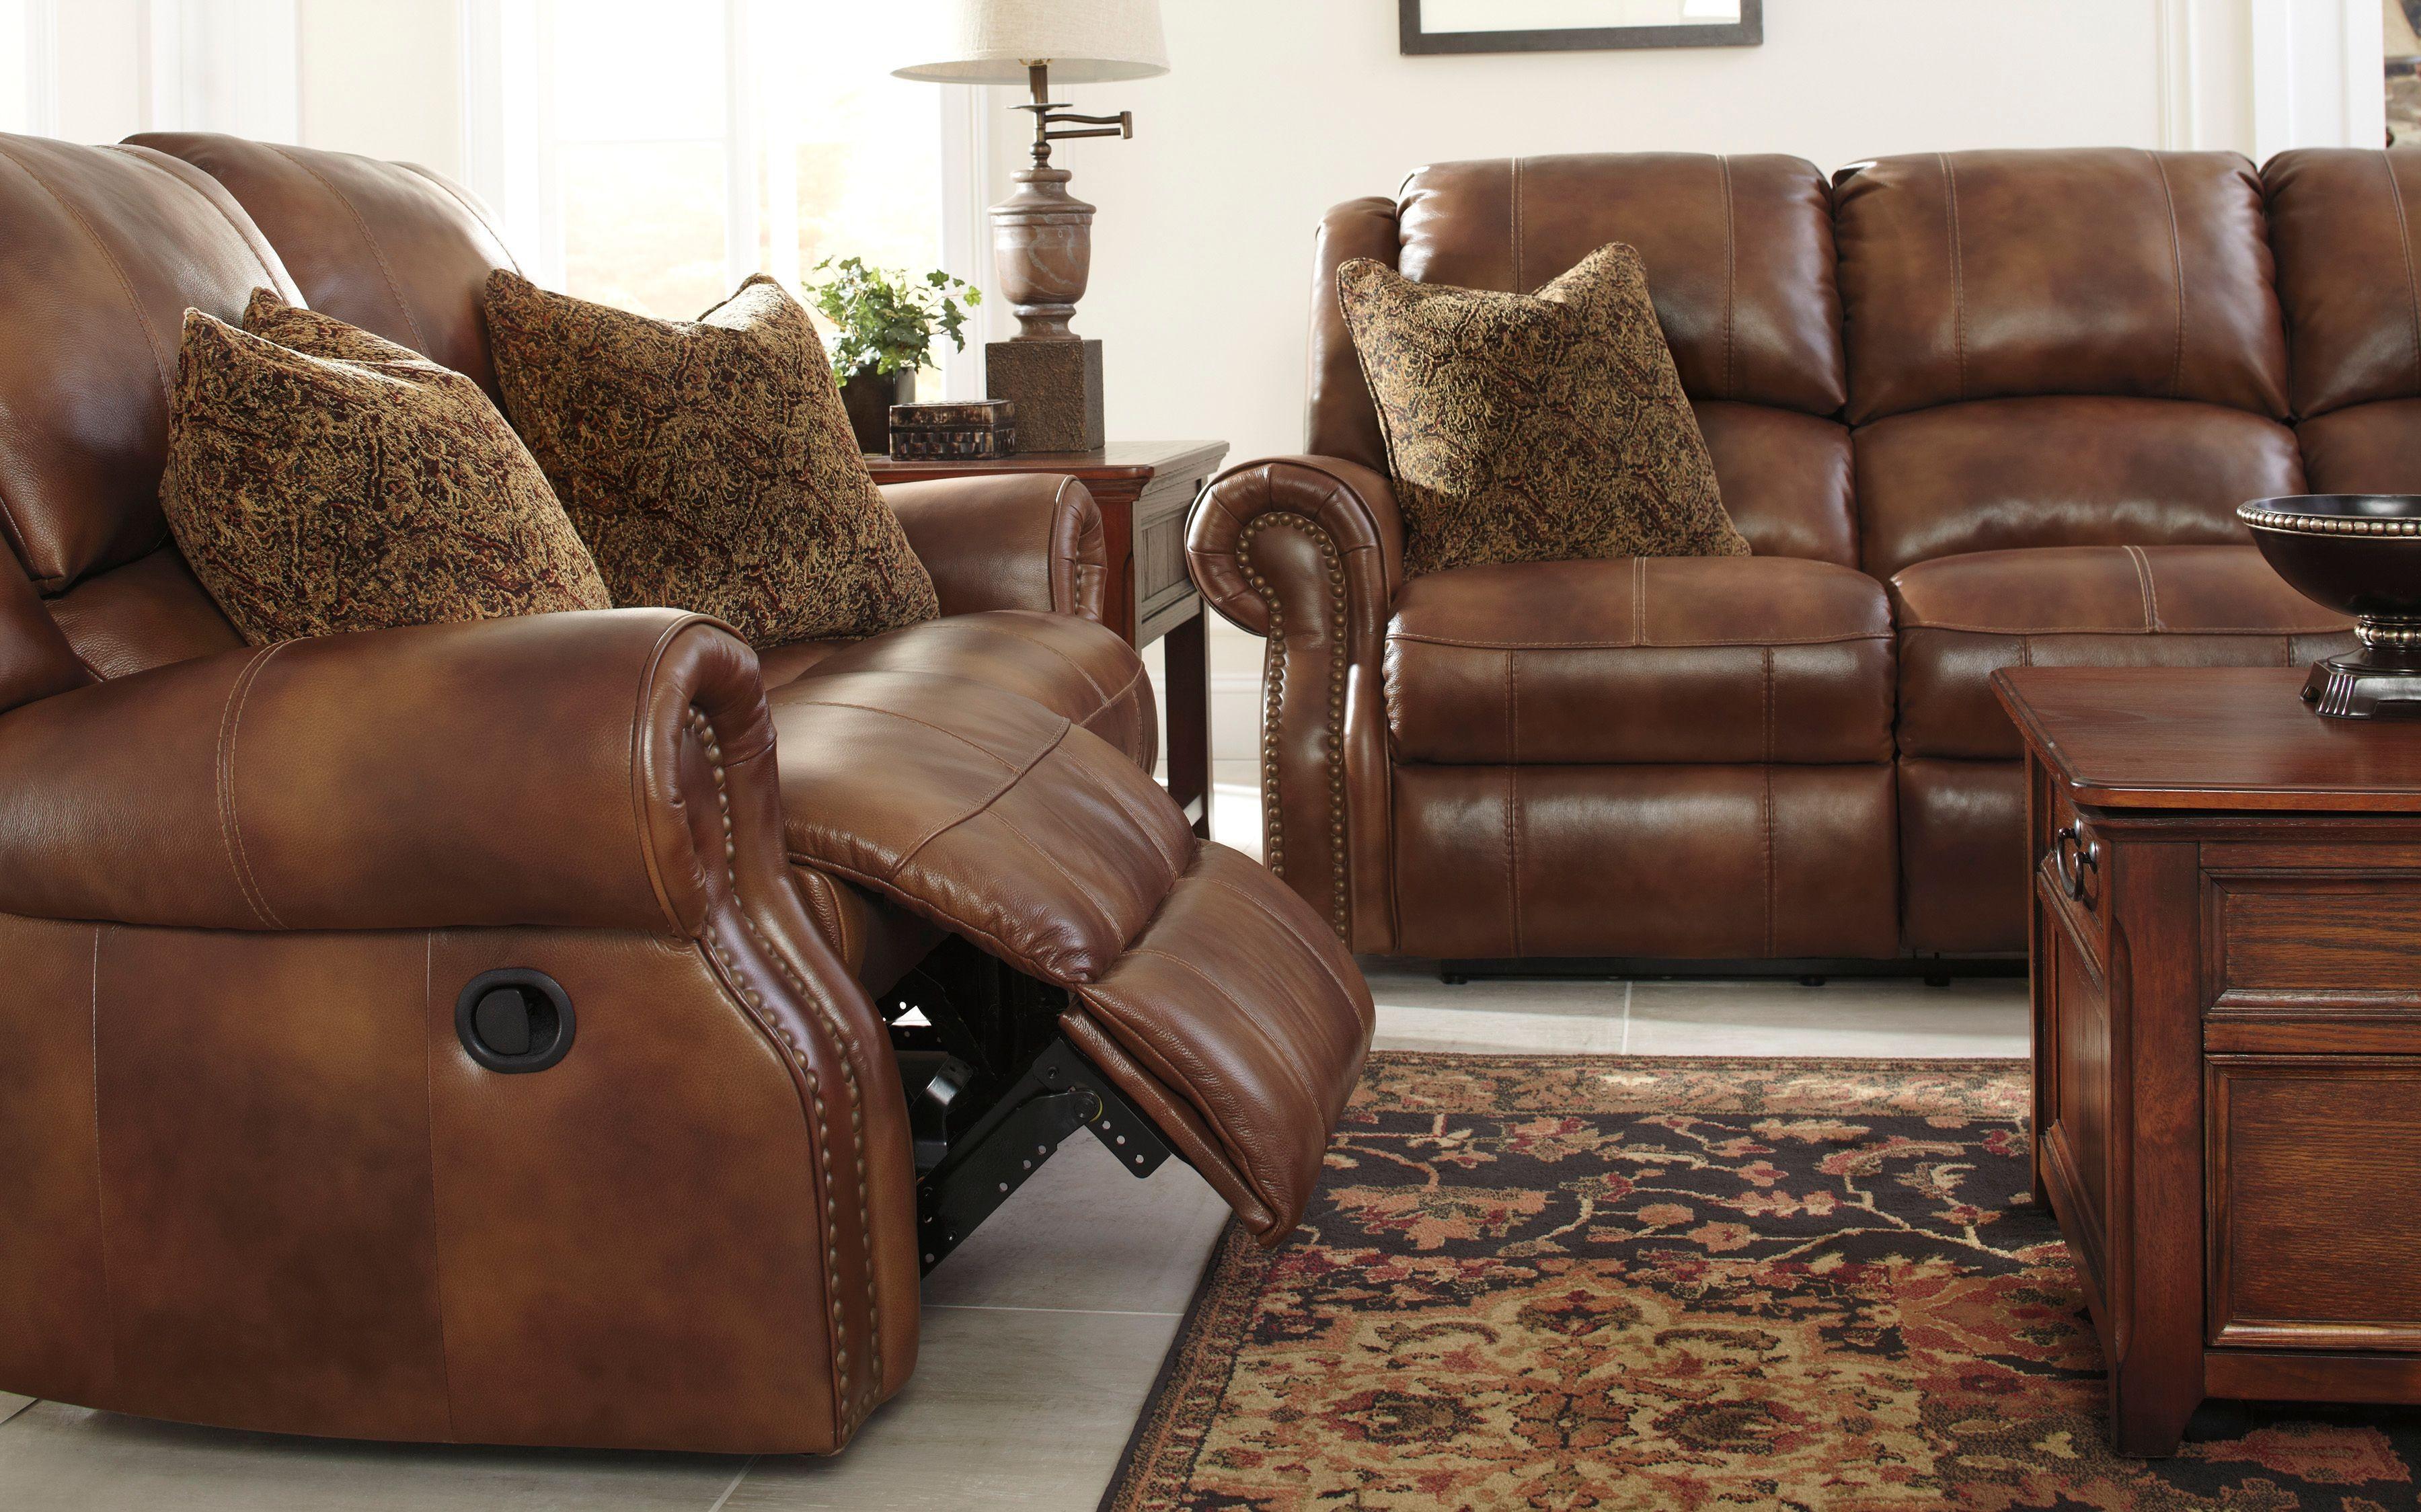 Walworth Auburn Reclining Sofa From Ashley U7800188